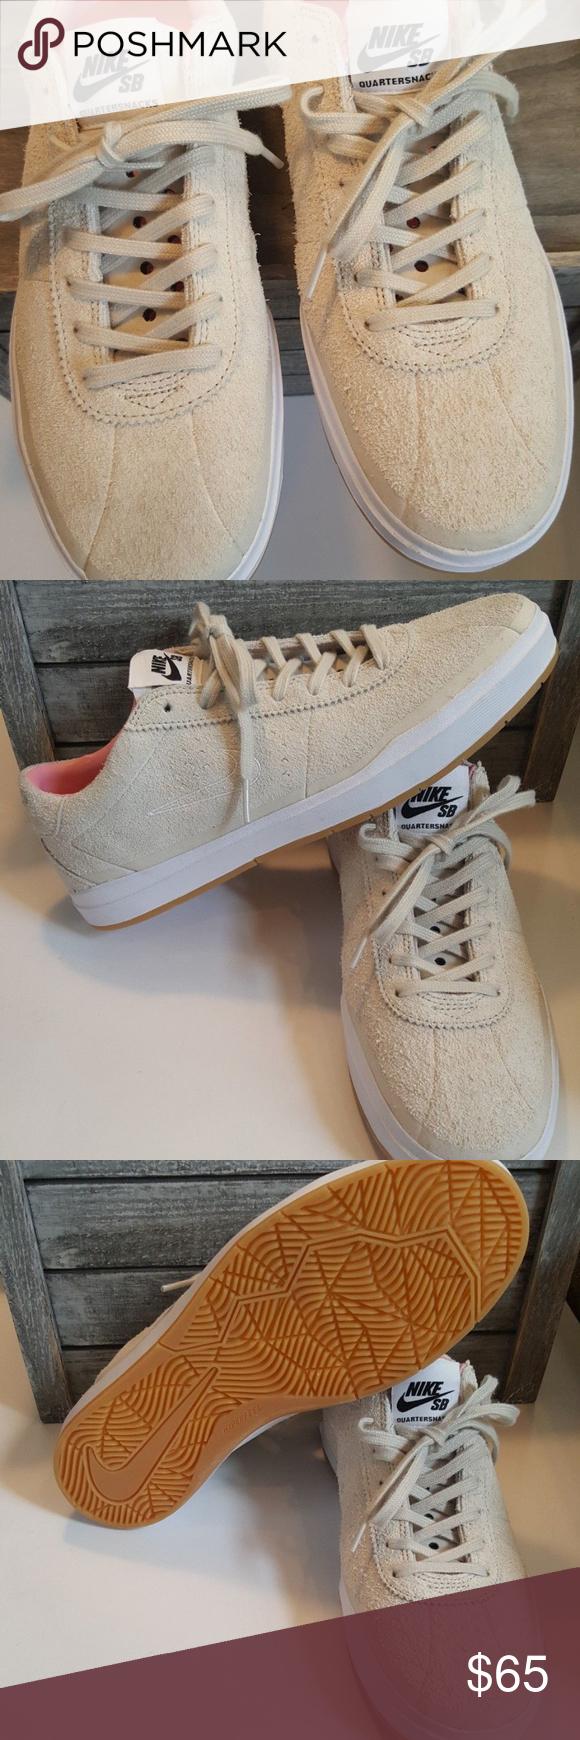 Nike Bruin SB QS Sz 8.5 869767 218 ITEM